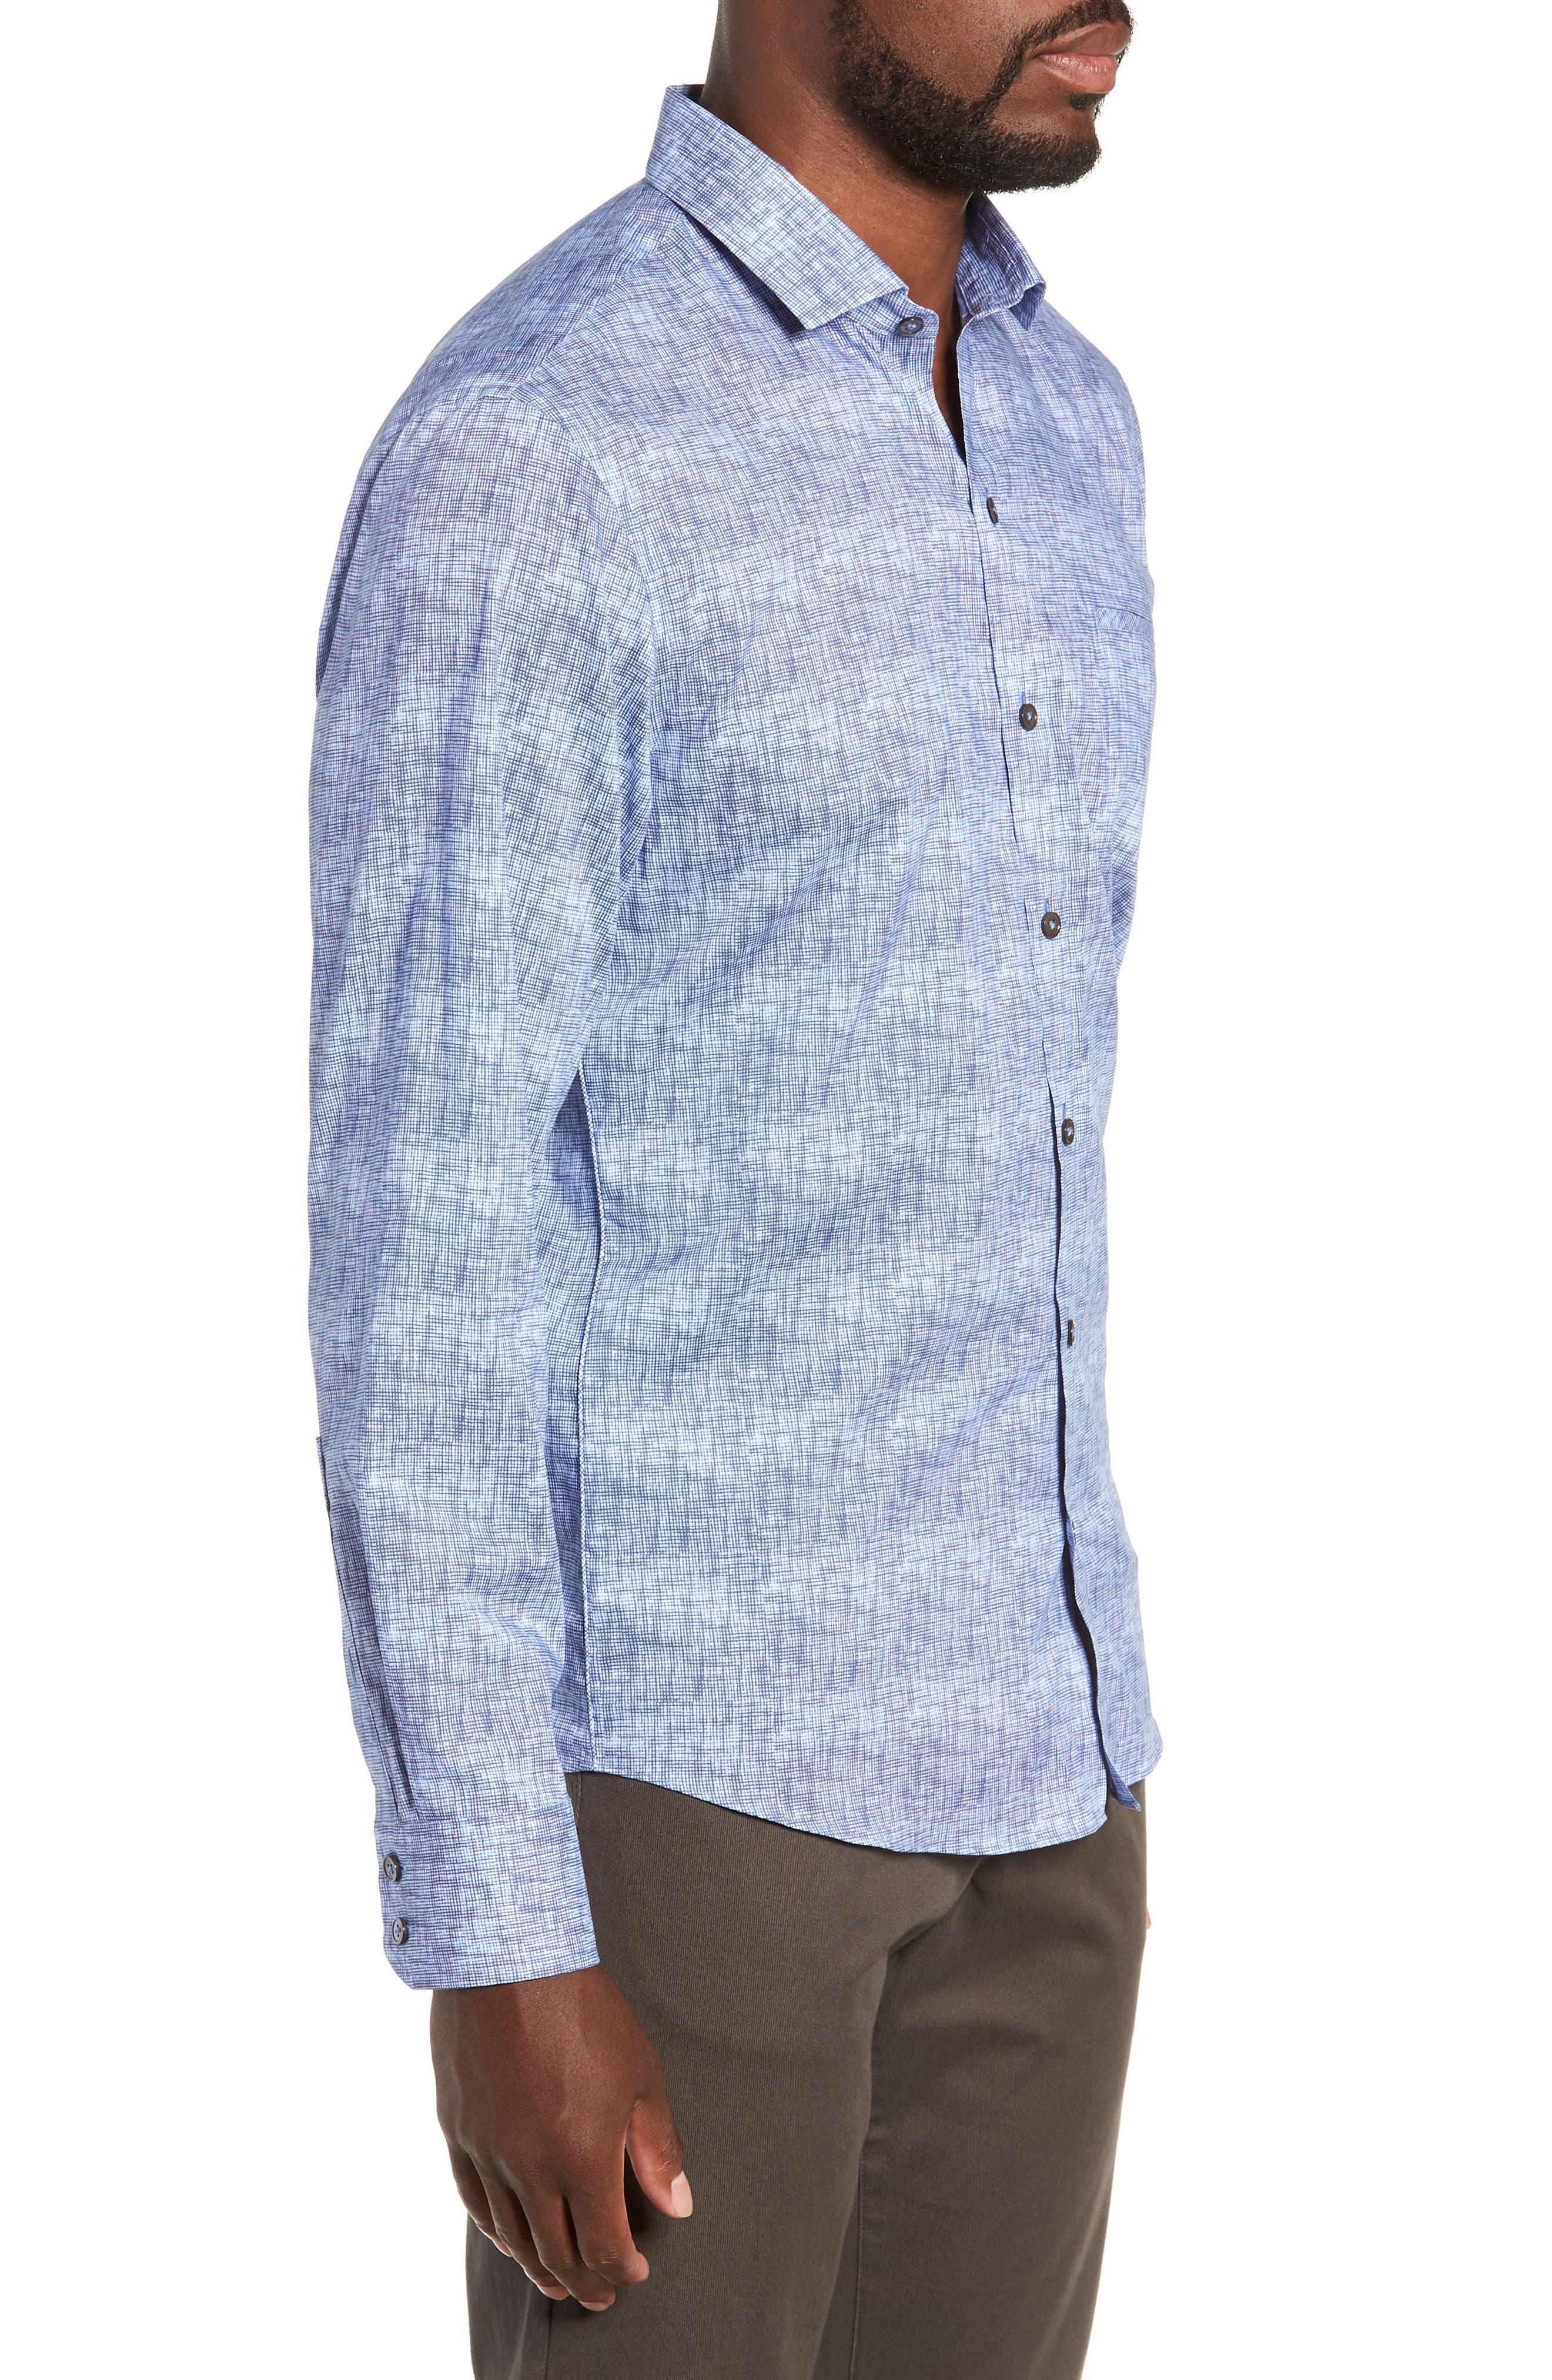 ZACHARY PRELL, Oppong Regular Fit Sport Shirt, Alternate thumbnail 4, color, 400